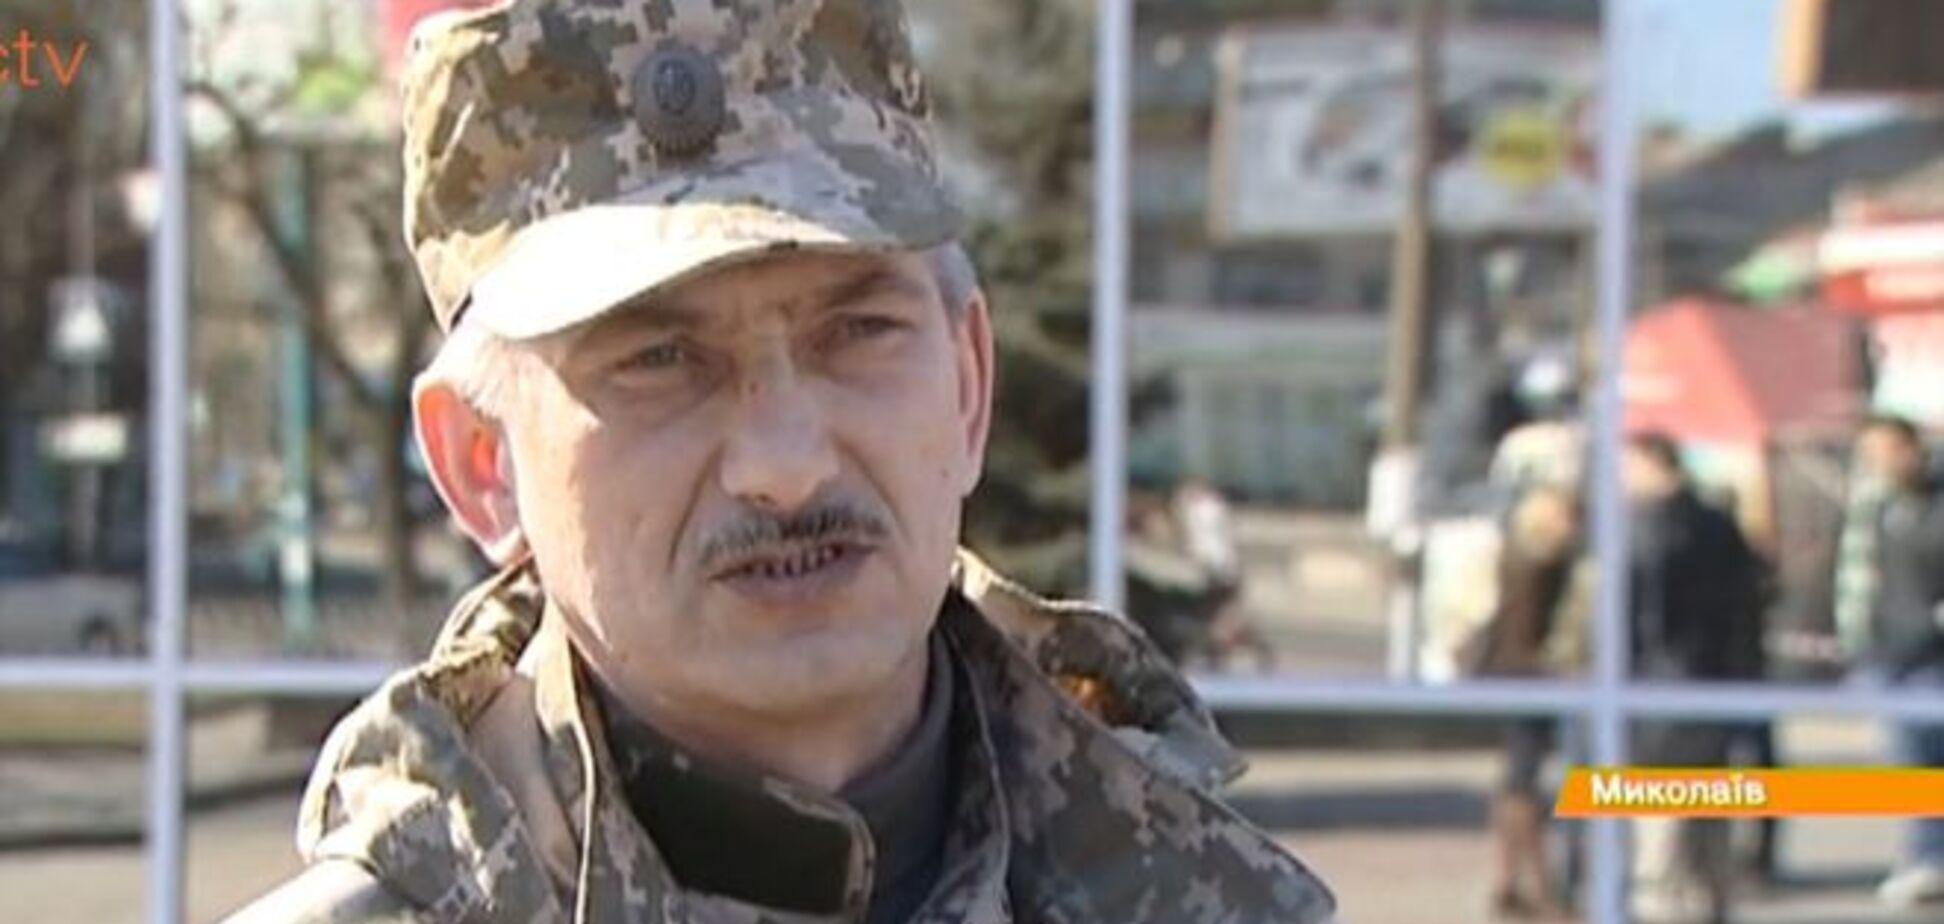 В Николаеве бойцов АТО не пустили в кафе, чтобы 'не нервировали людей'